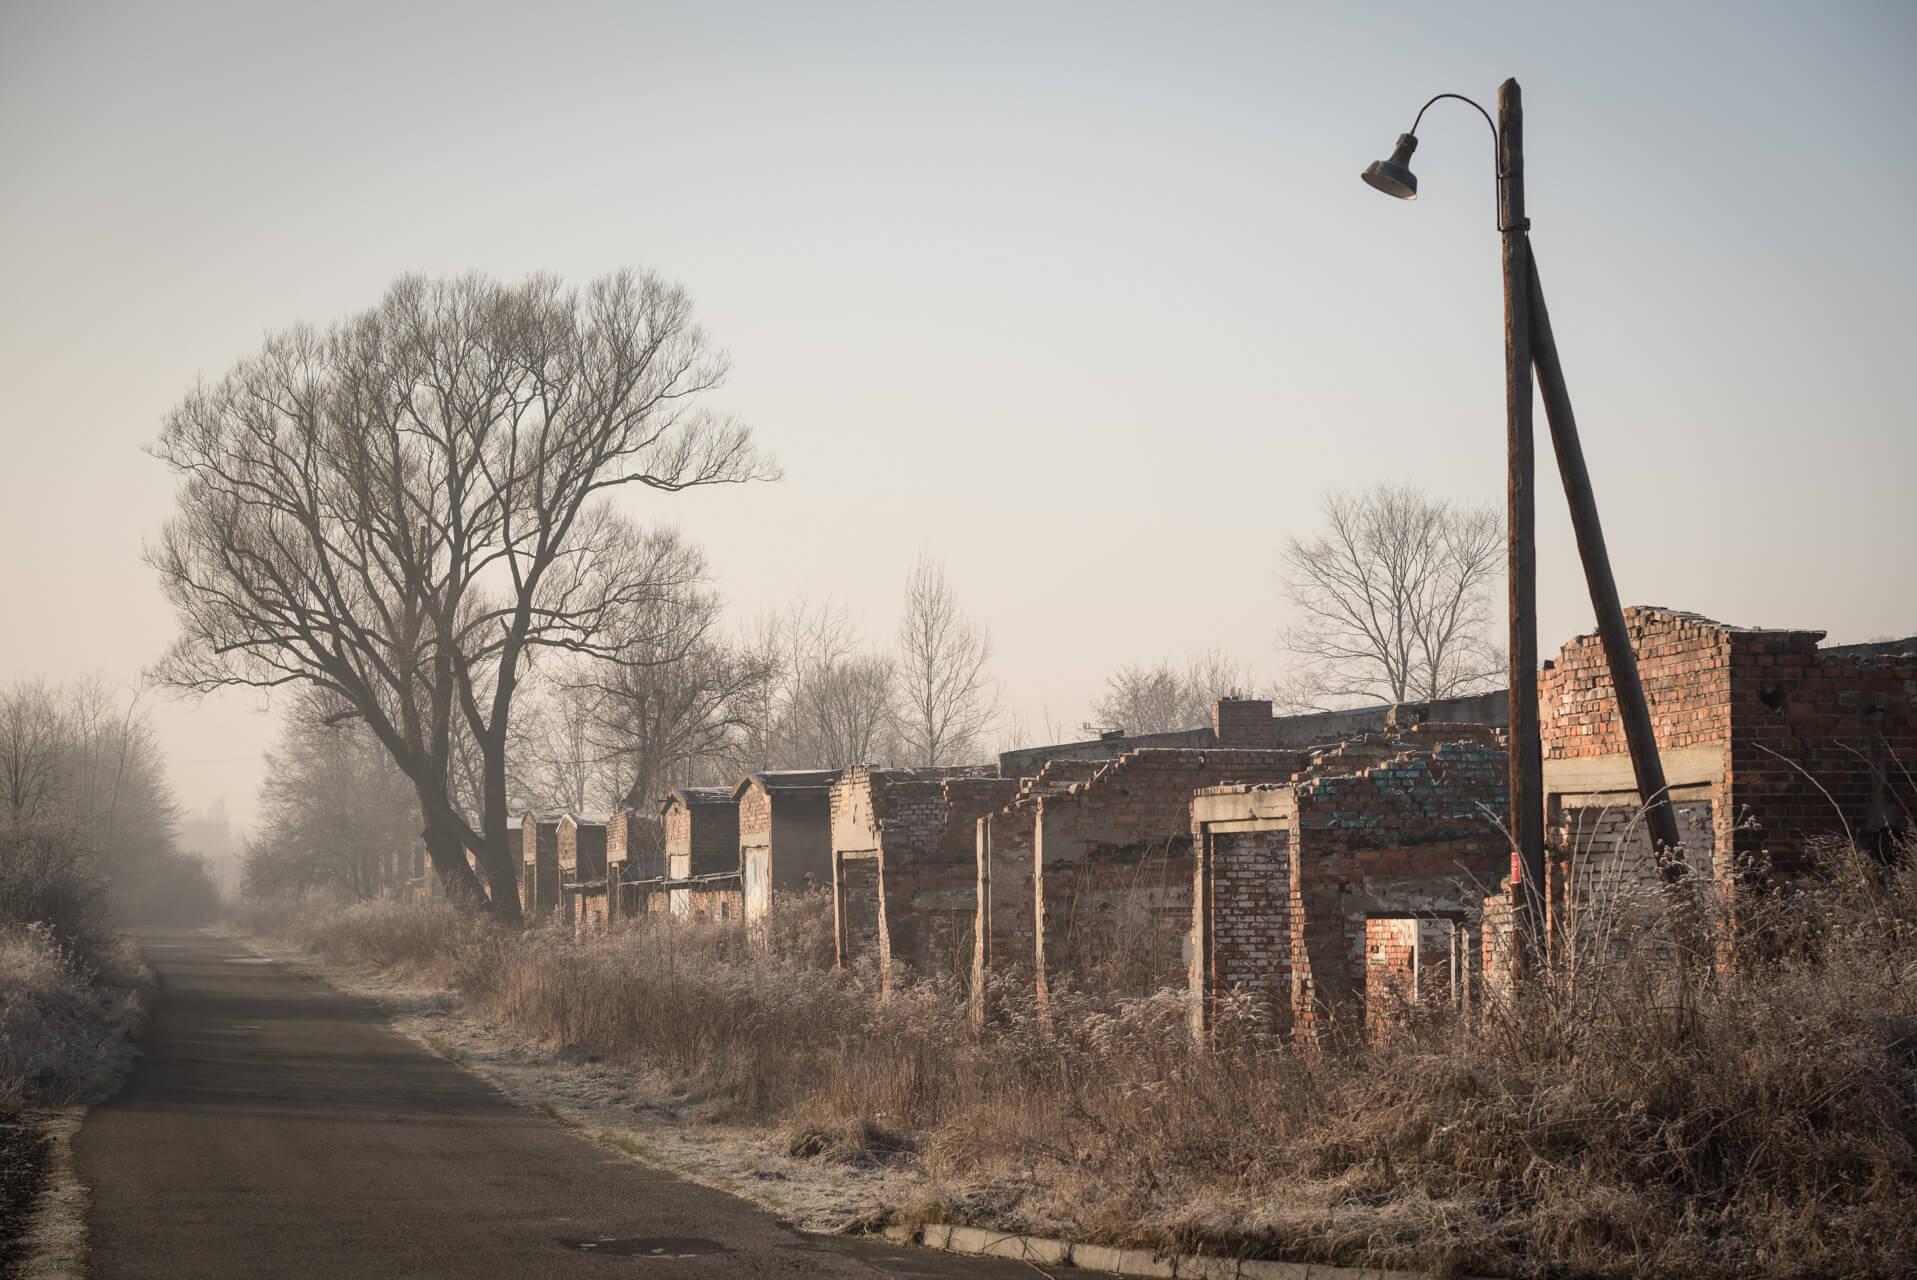 Konzentrations- und Vernichtungslager Auschwitz-Birkenau, Lagergebäude an der alten Rampe; Fotograf Steffen Lohse